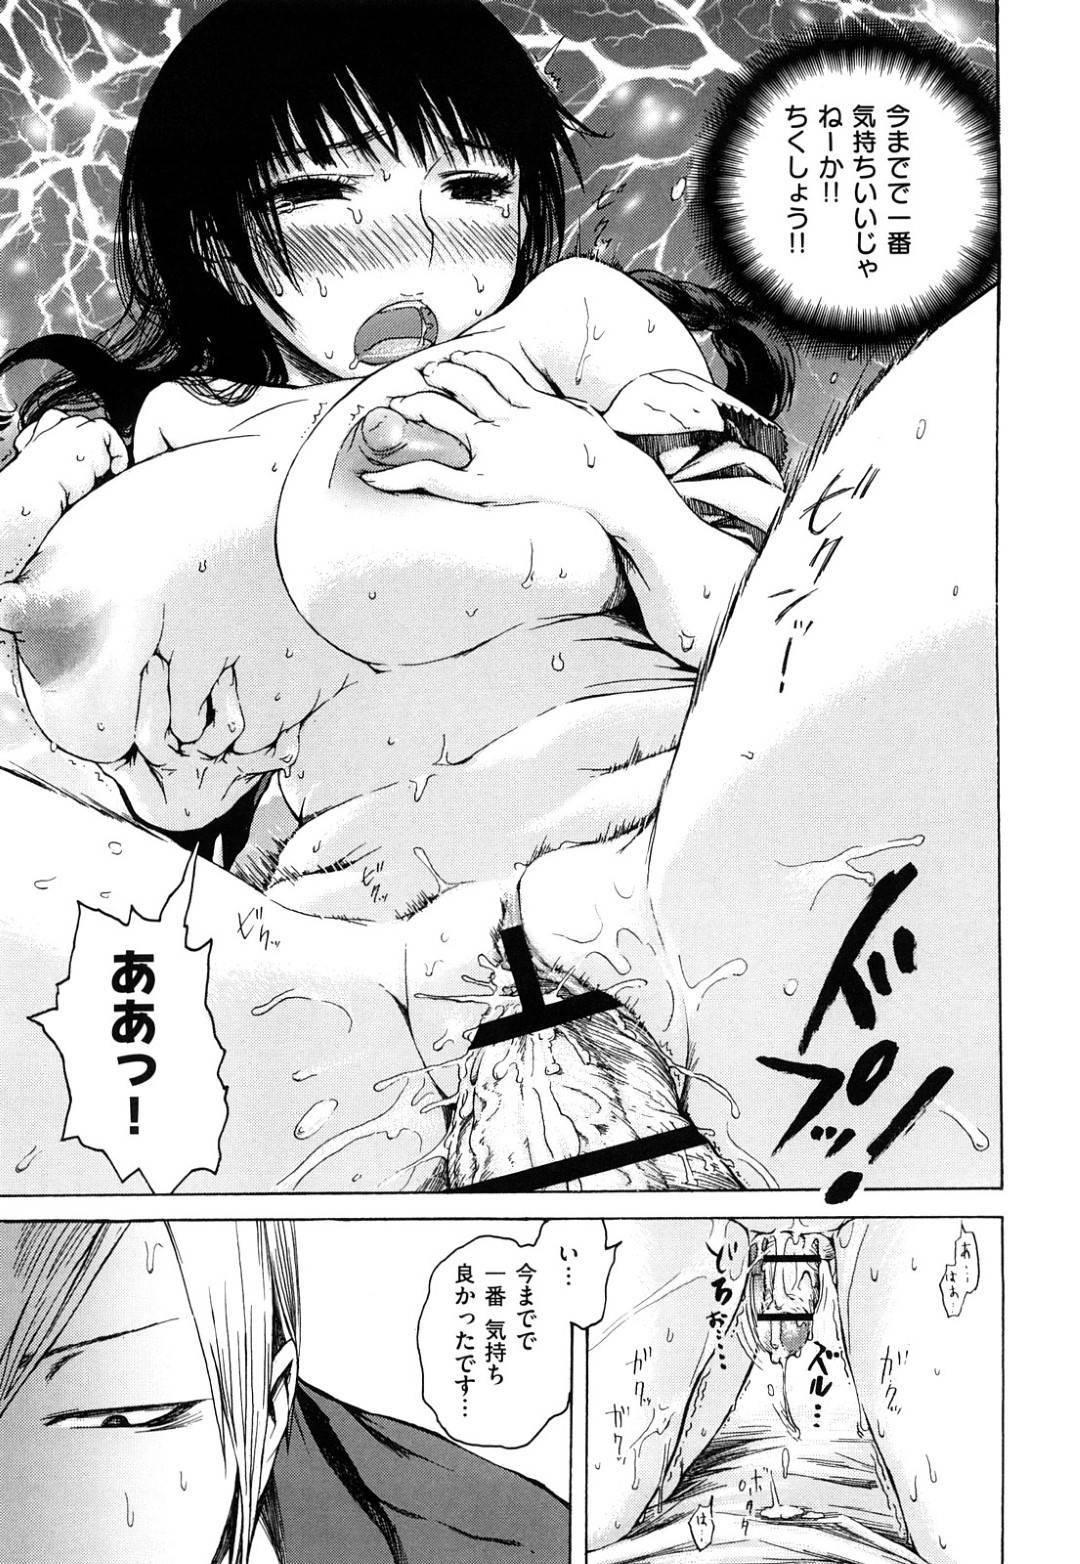 【エロ漫画】先生とセックスしてど変態なセックス方法を授けられたJK…今の彼氏を拘束しアナル舐めの逆レイプしてど変態なイチャラブセックスしちゃう!【石川シスケ:先生の教え】